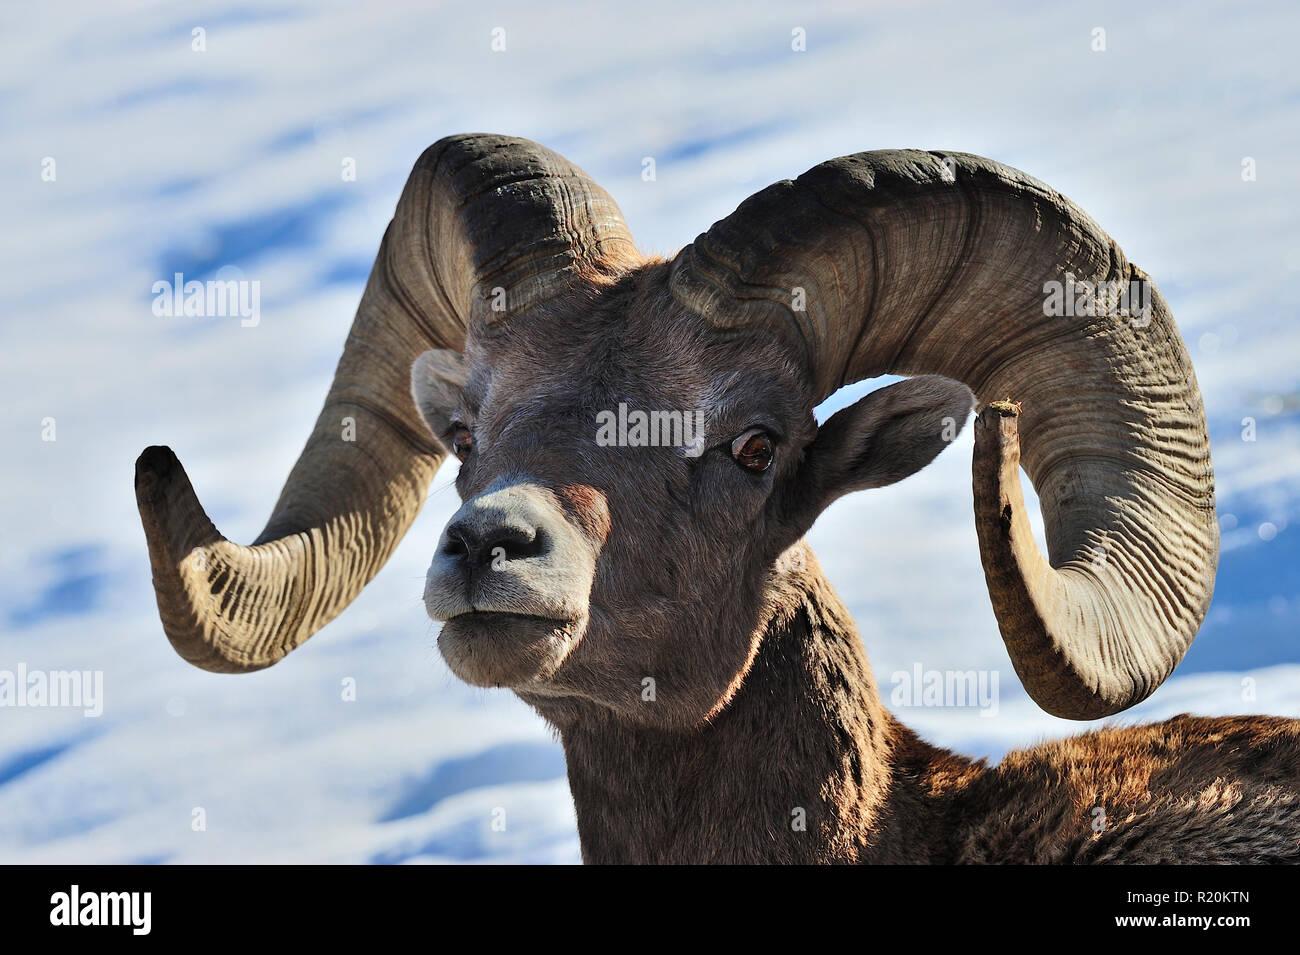 Un portrait de l'homme mouflon des montagnes 'Ovis canadensis', dans les régions rurales de l'Alberta Canada Photo Stock